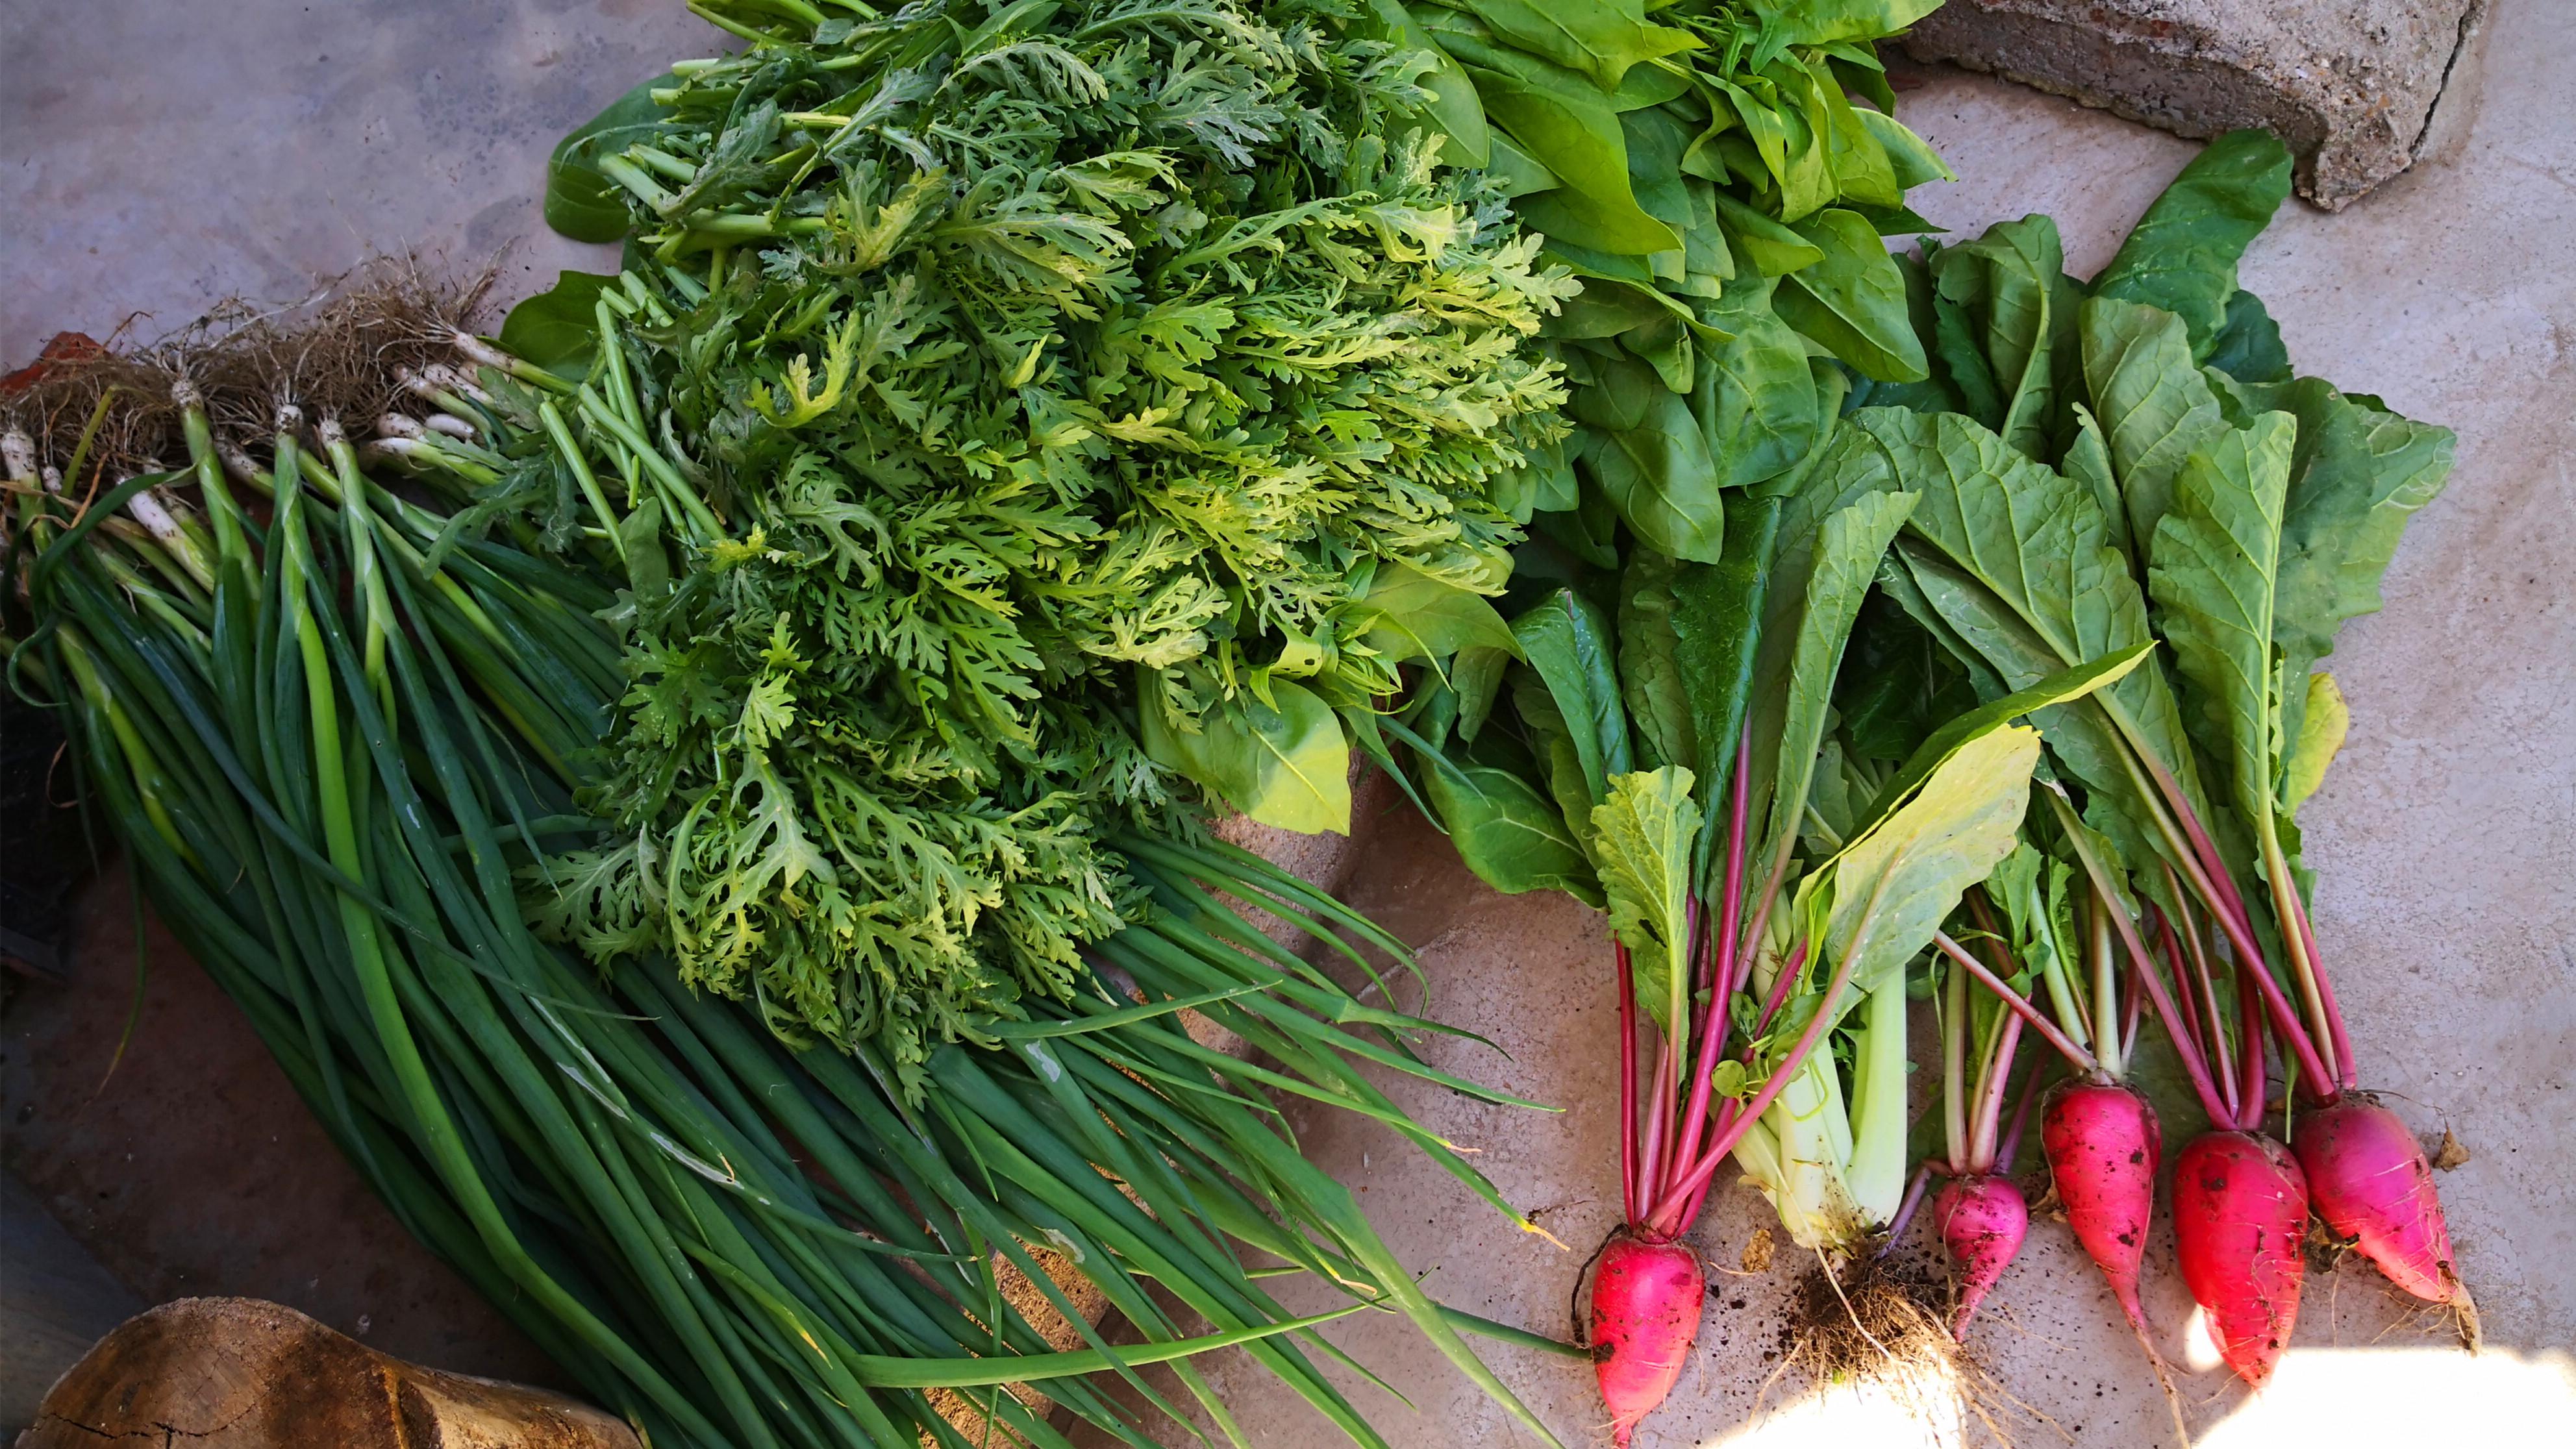 入夏后,少吃黄瓜多吃它,补充水分易消化,加糖醋汁一拌,特香 美食做法 第3张